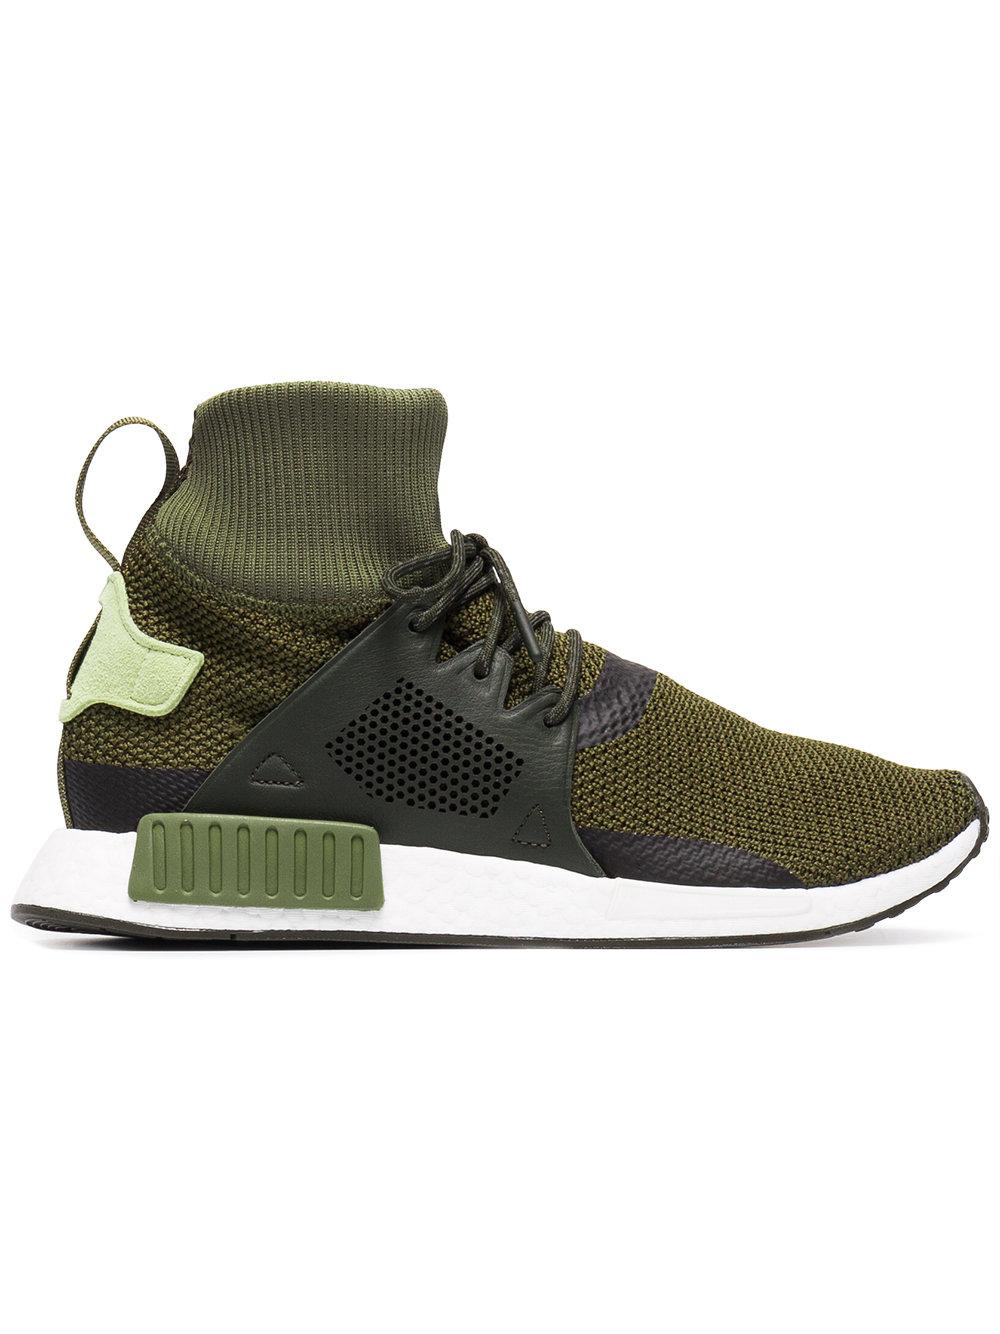 adidas nmd xr1 groen